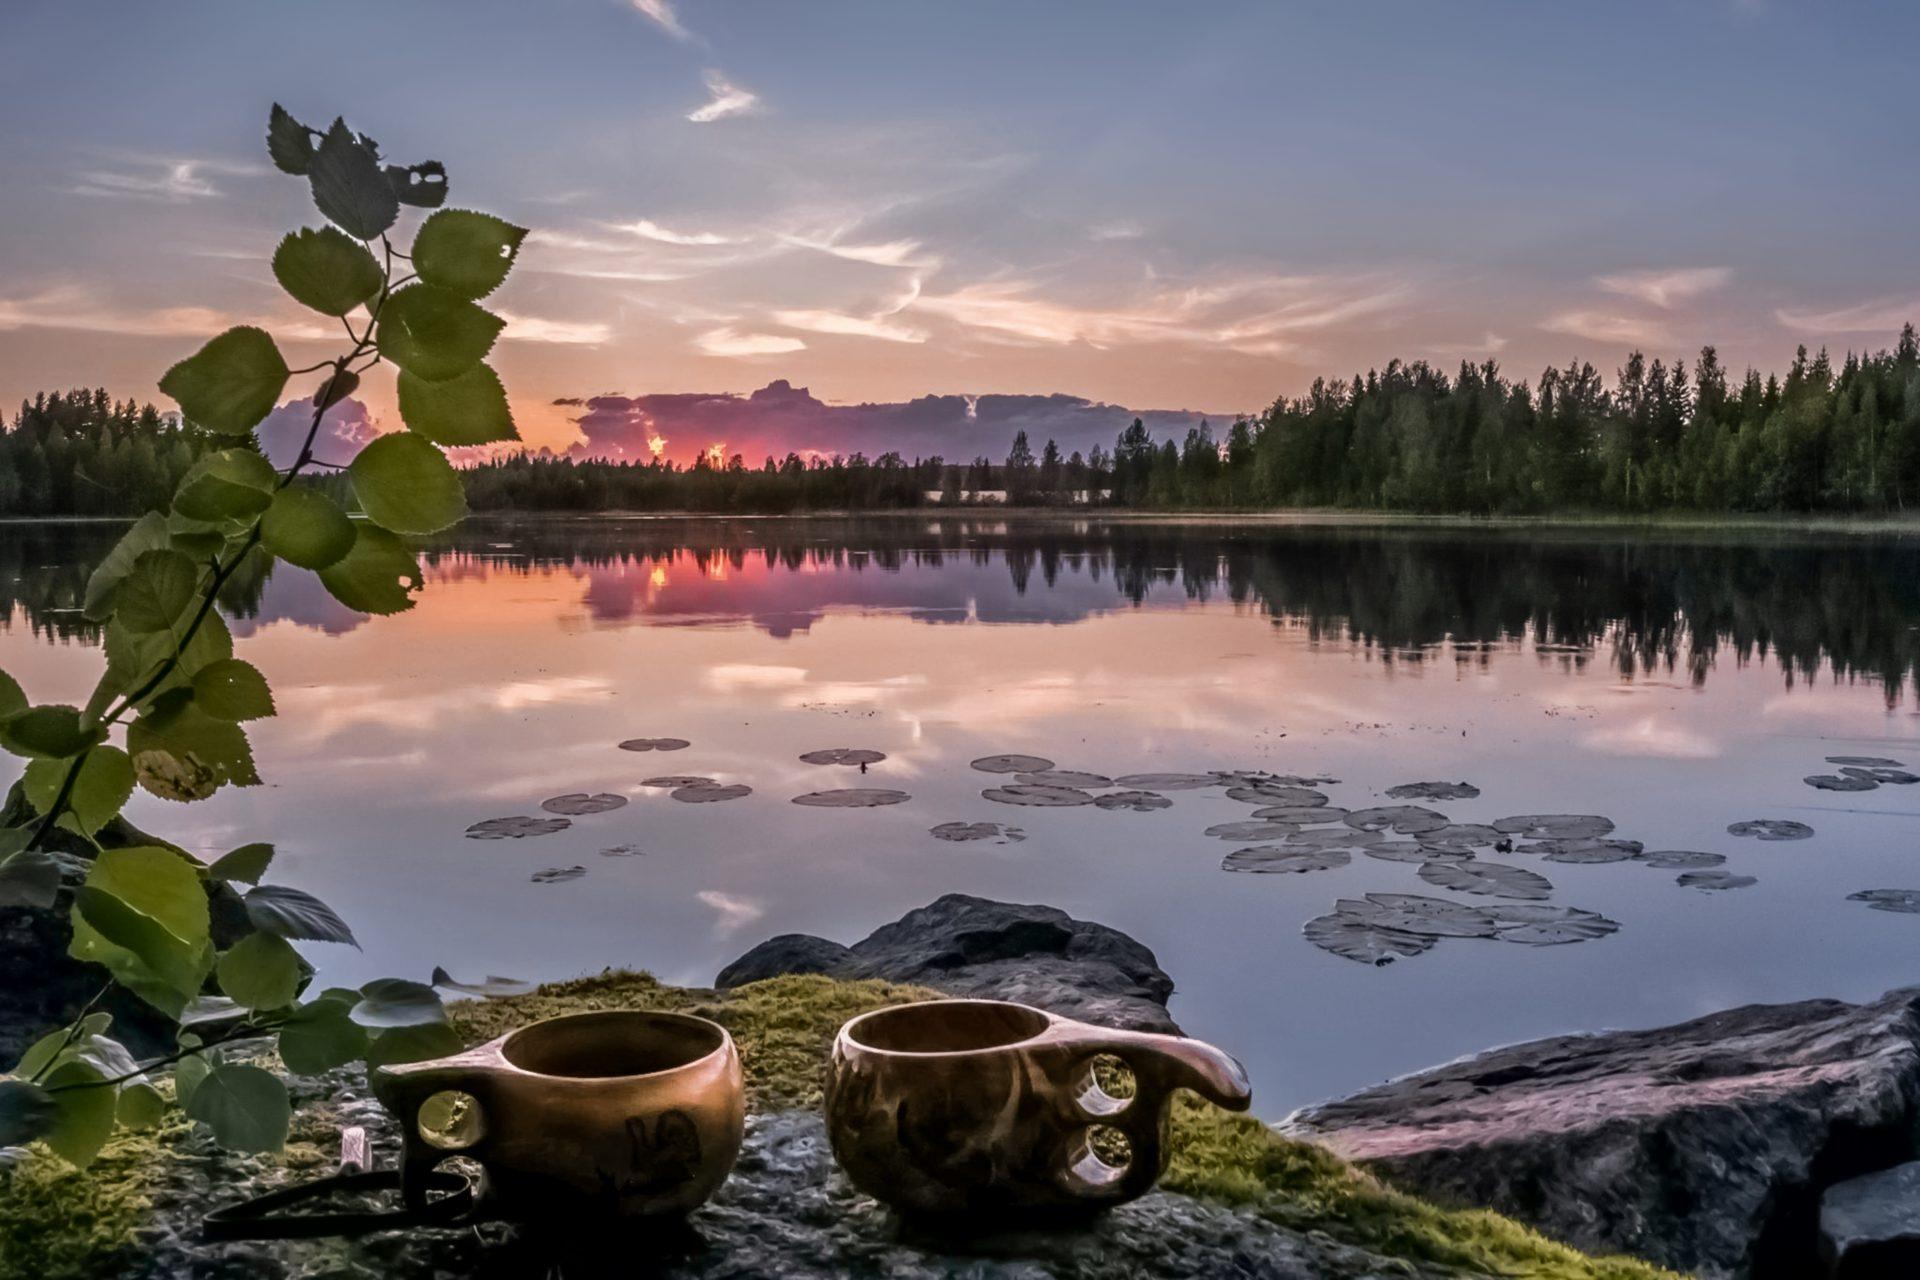 vk-summer-landscape-sunset